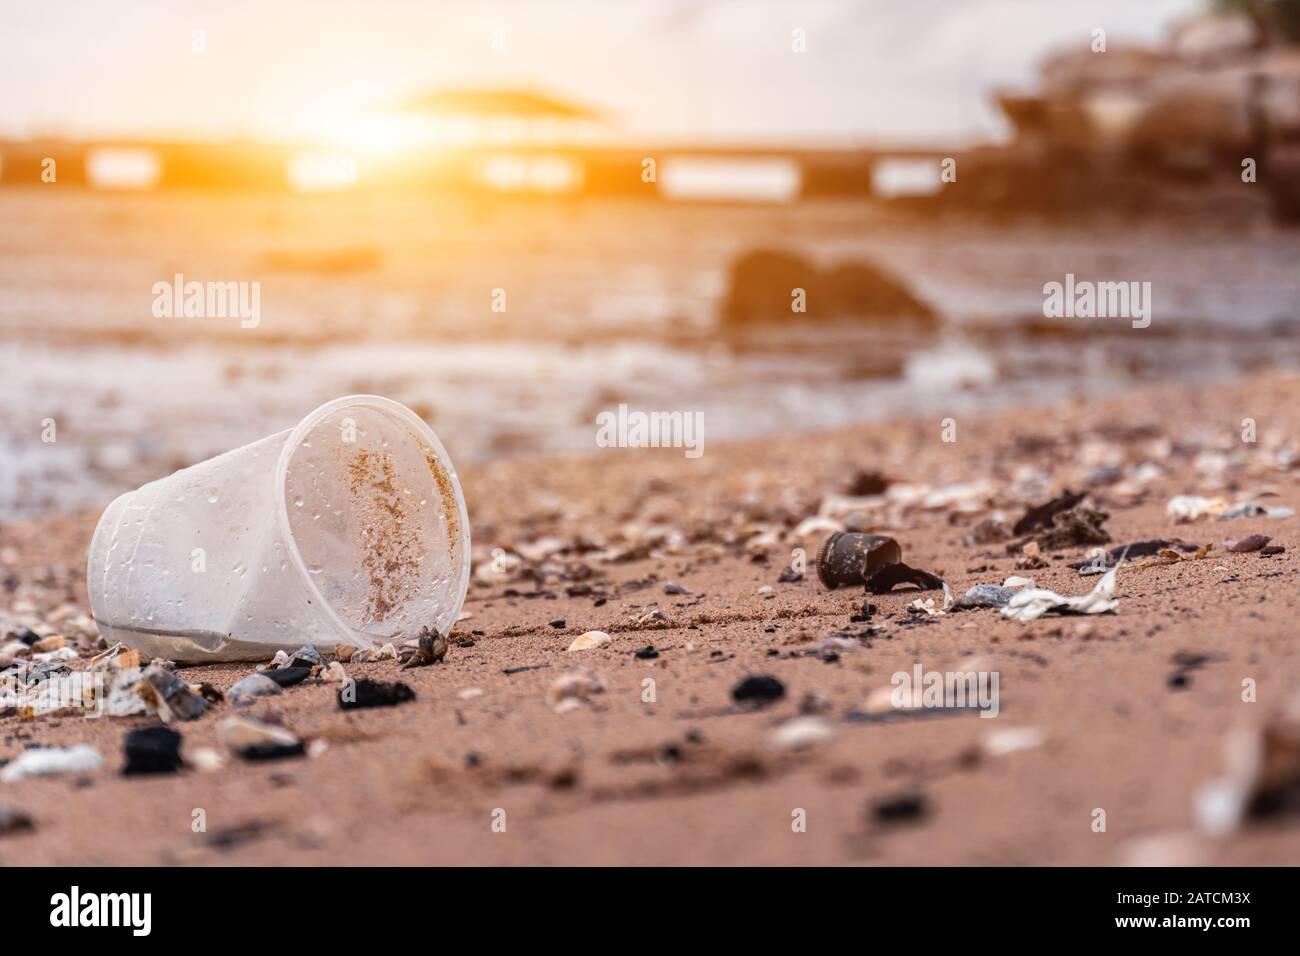 Vasos de plástico y basura en la playa de arena. Conciencia Medioambiental Y Plástica. Concepto Del Día Mundial Del Medio Ambiente. Salva la vida de la tierra. Foto de stock